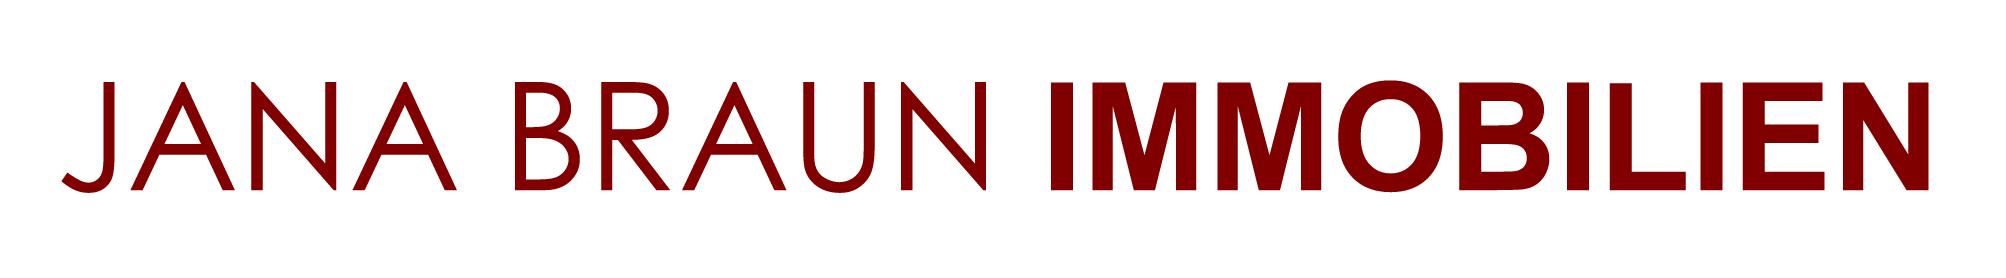 Hier sehen Sie das Logo von Jana Braun Immobilien